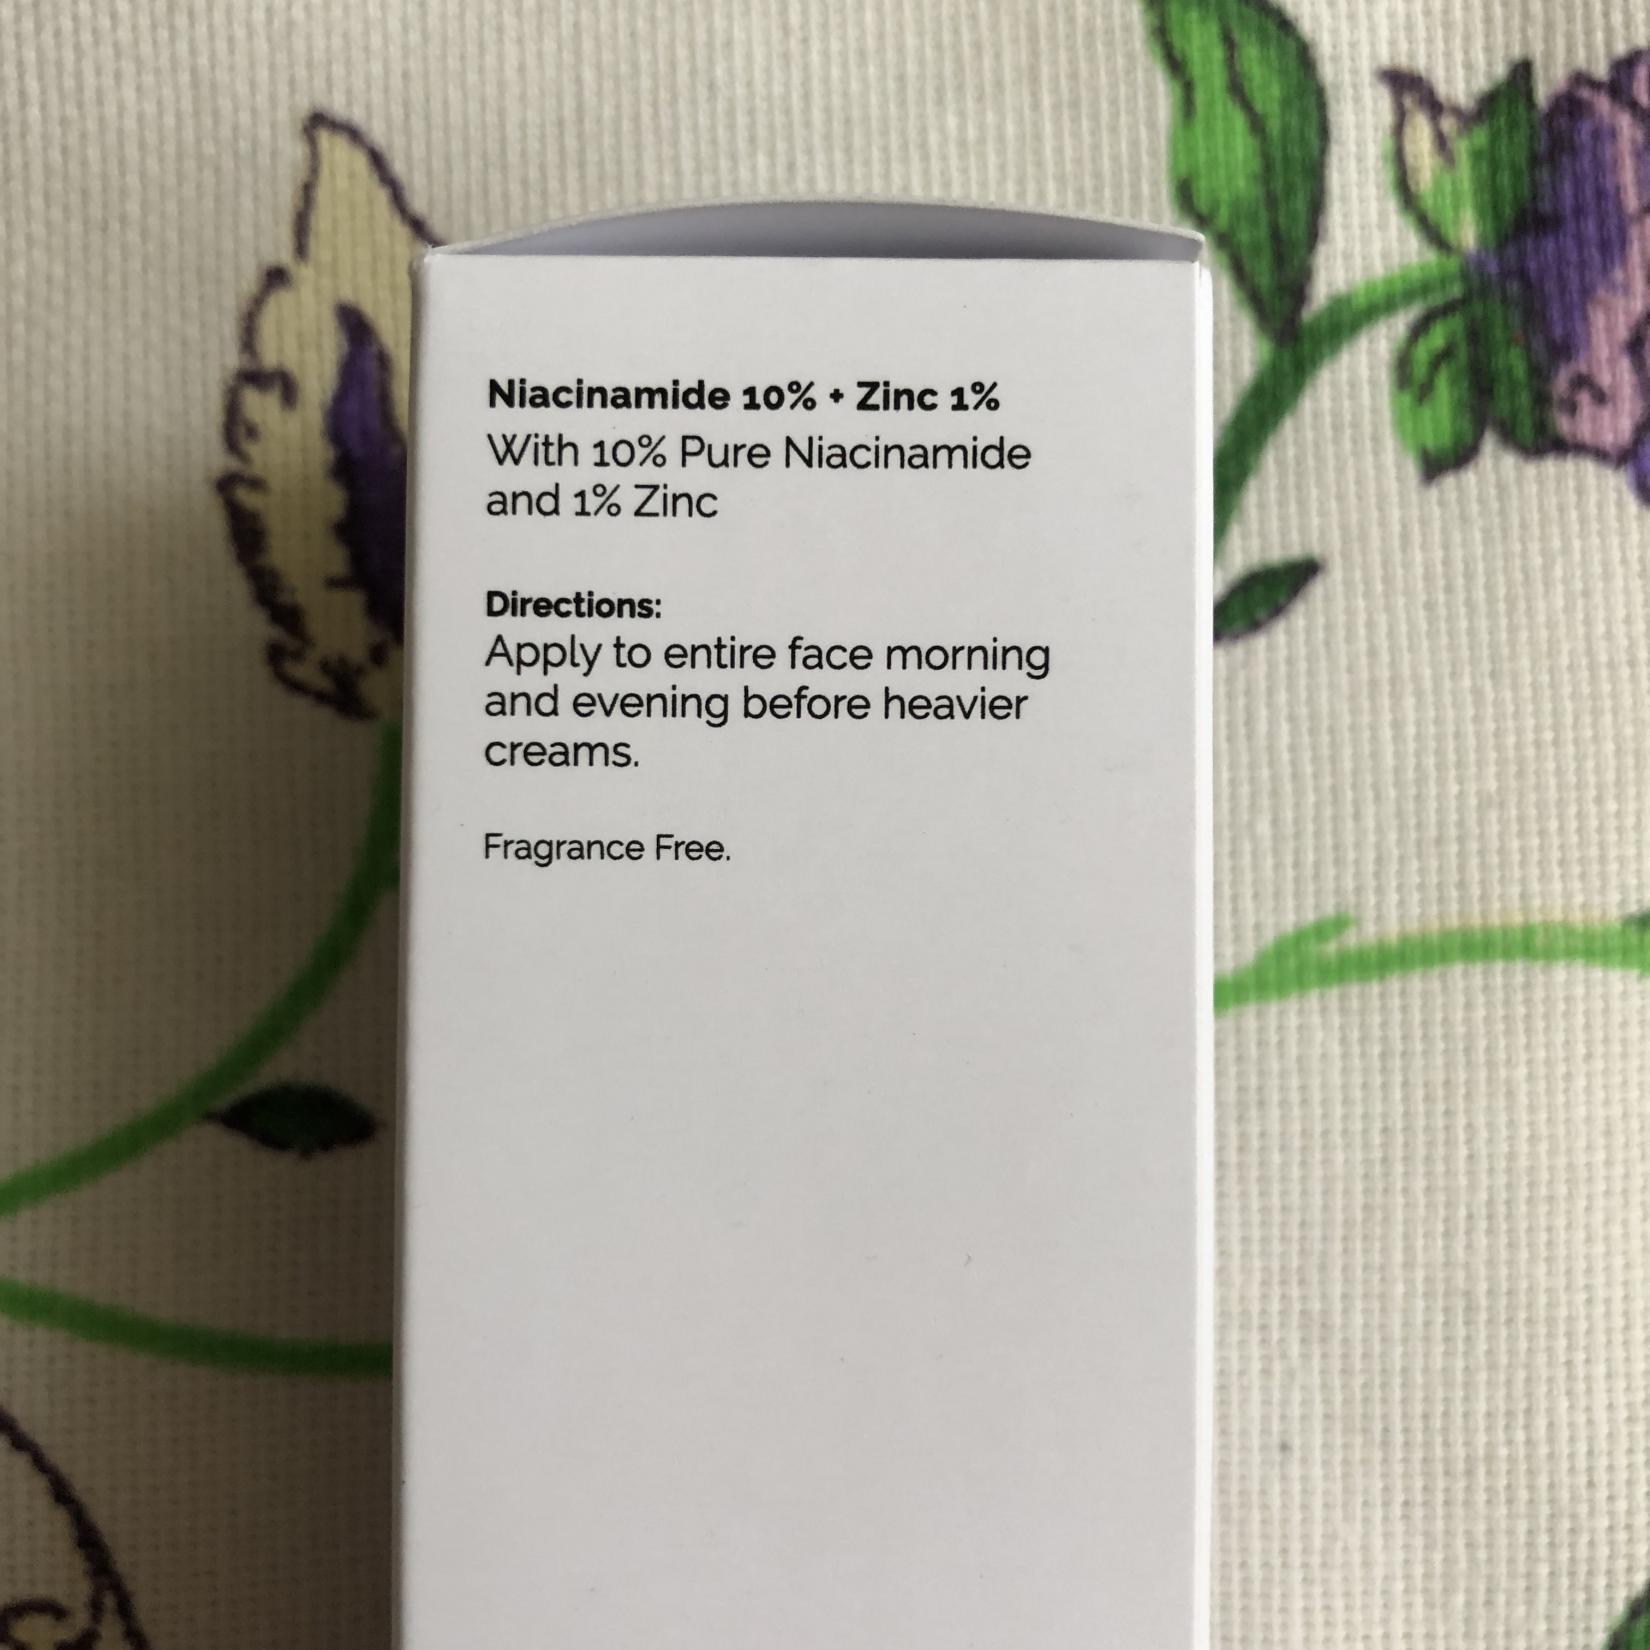 The Ordinary Niacinamide 10 % + Zinc 1% сыворотка с ниацинамидом и цинком - способ применения